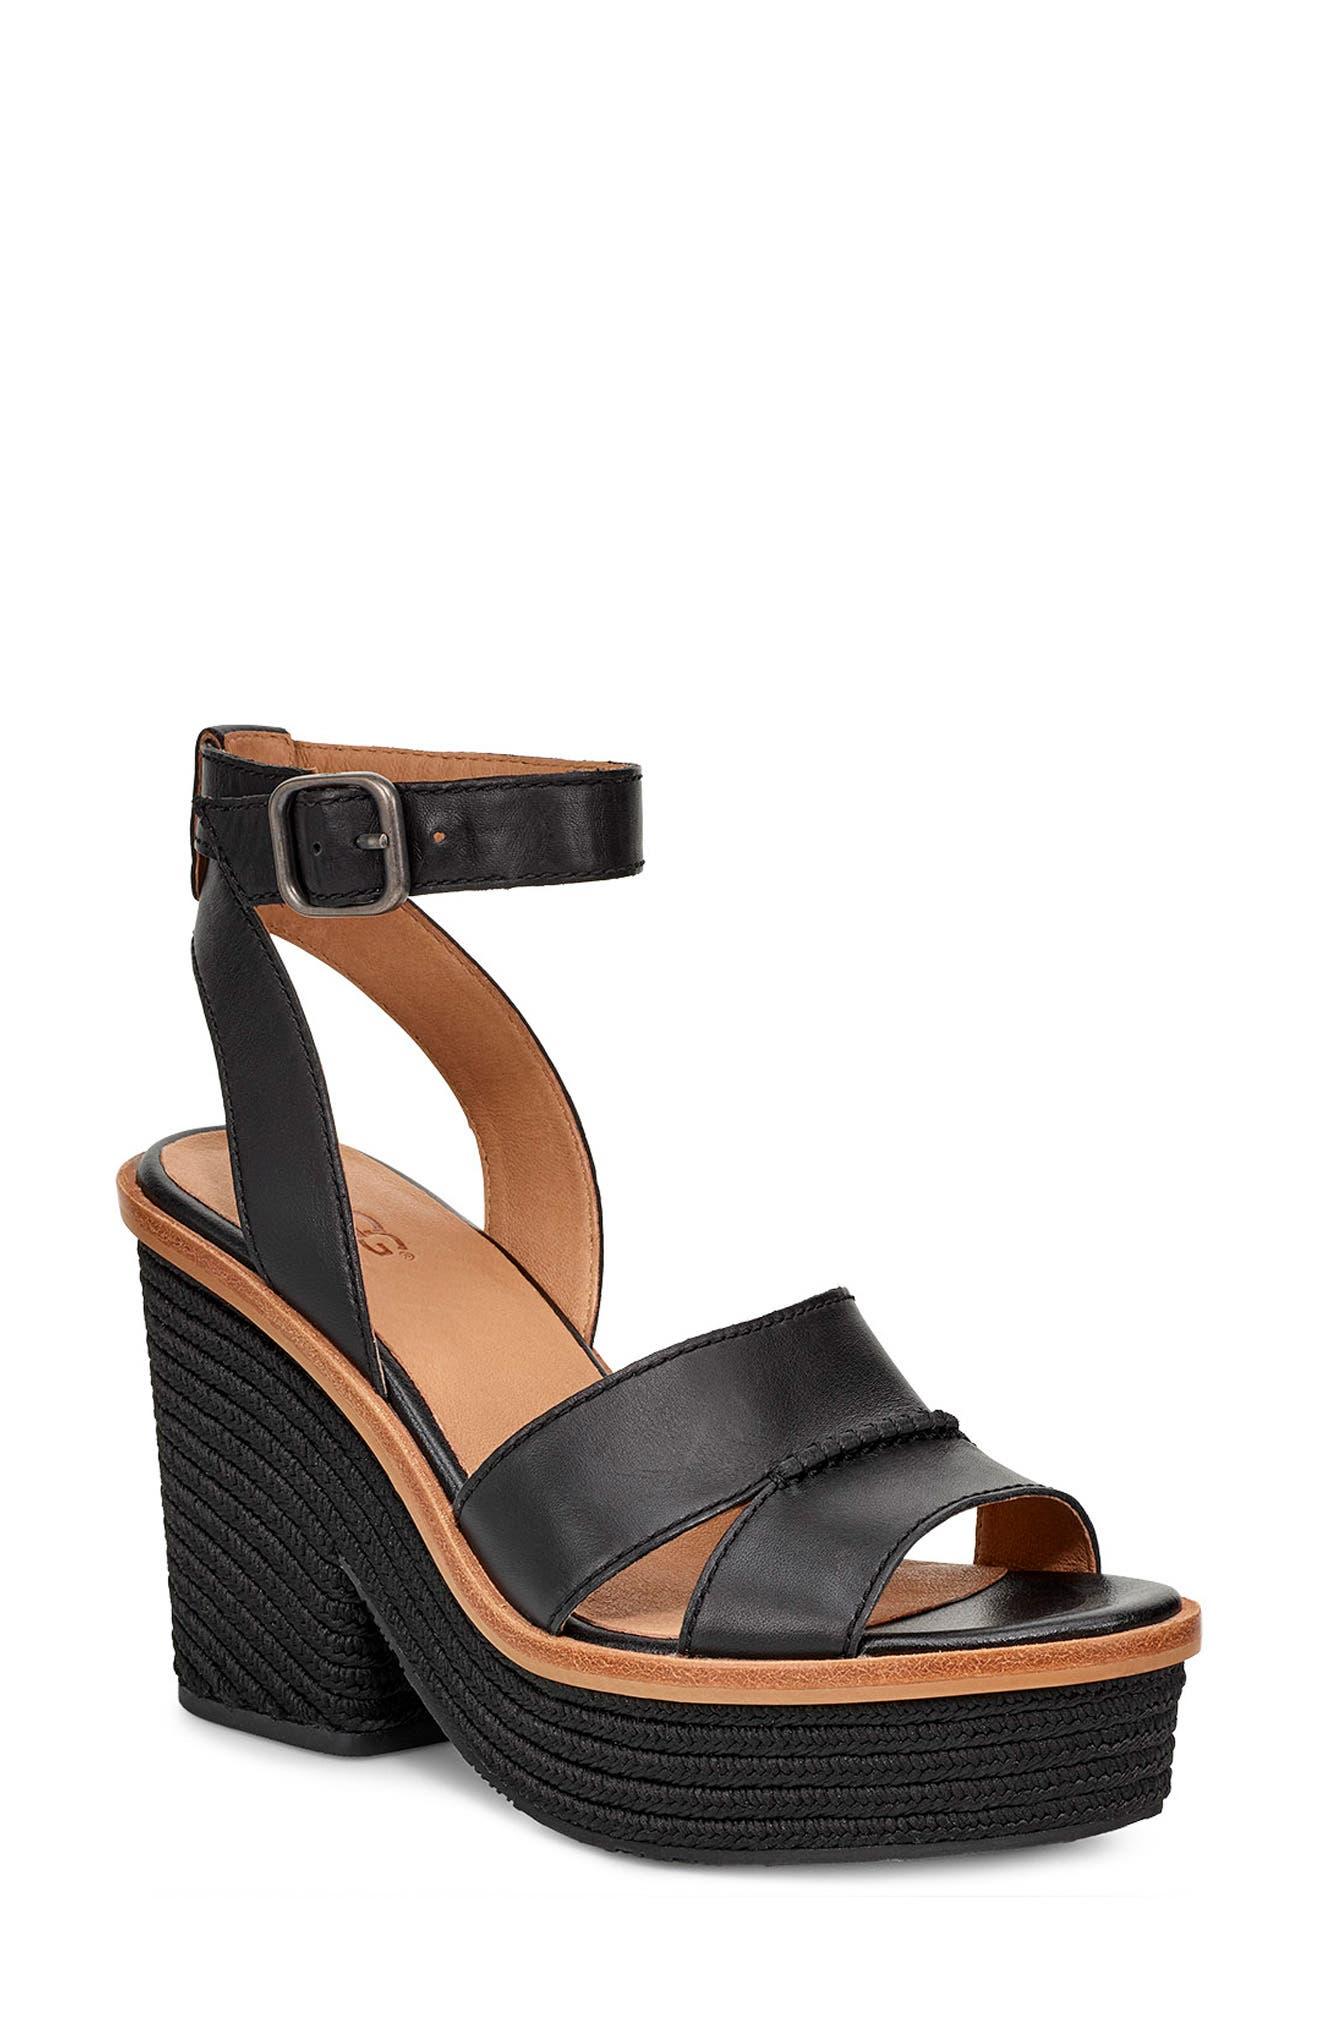 Carine Platform Sandal, Main, color, BLACK LEATHER